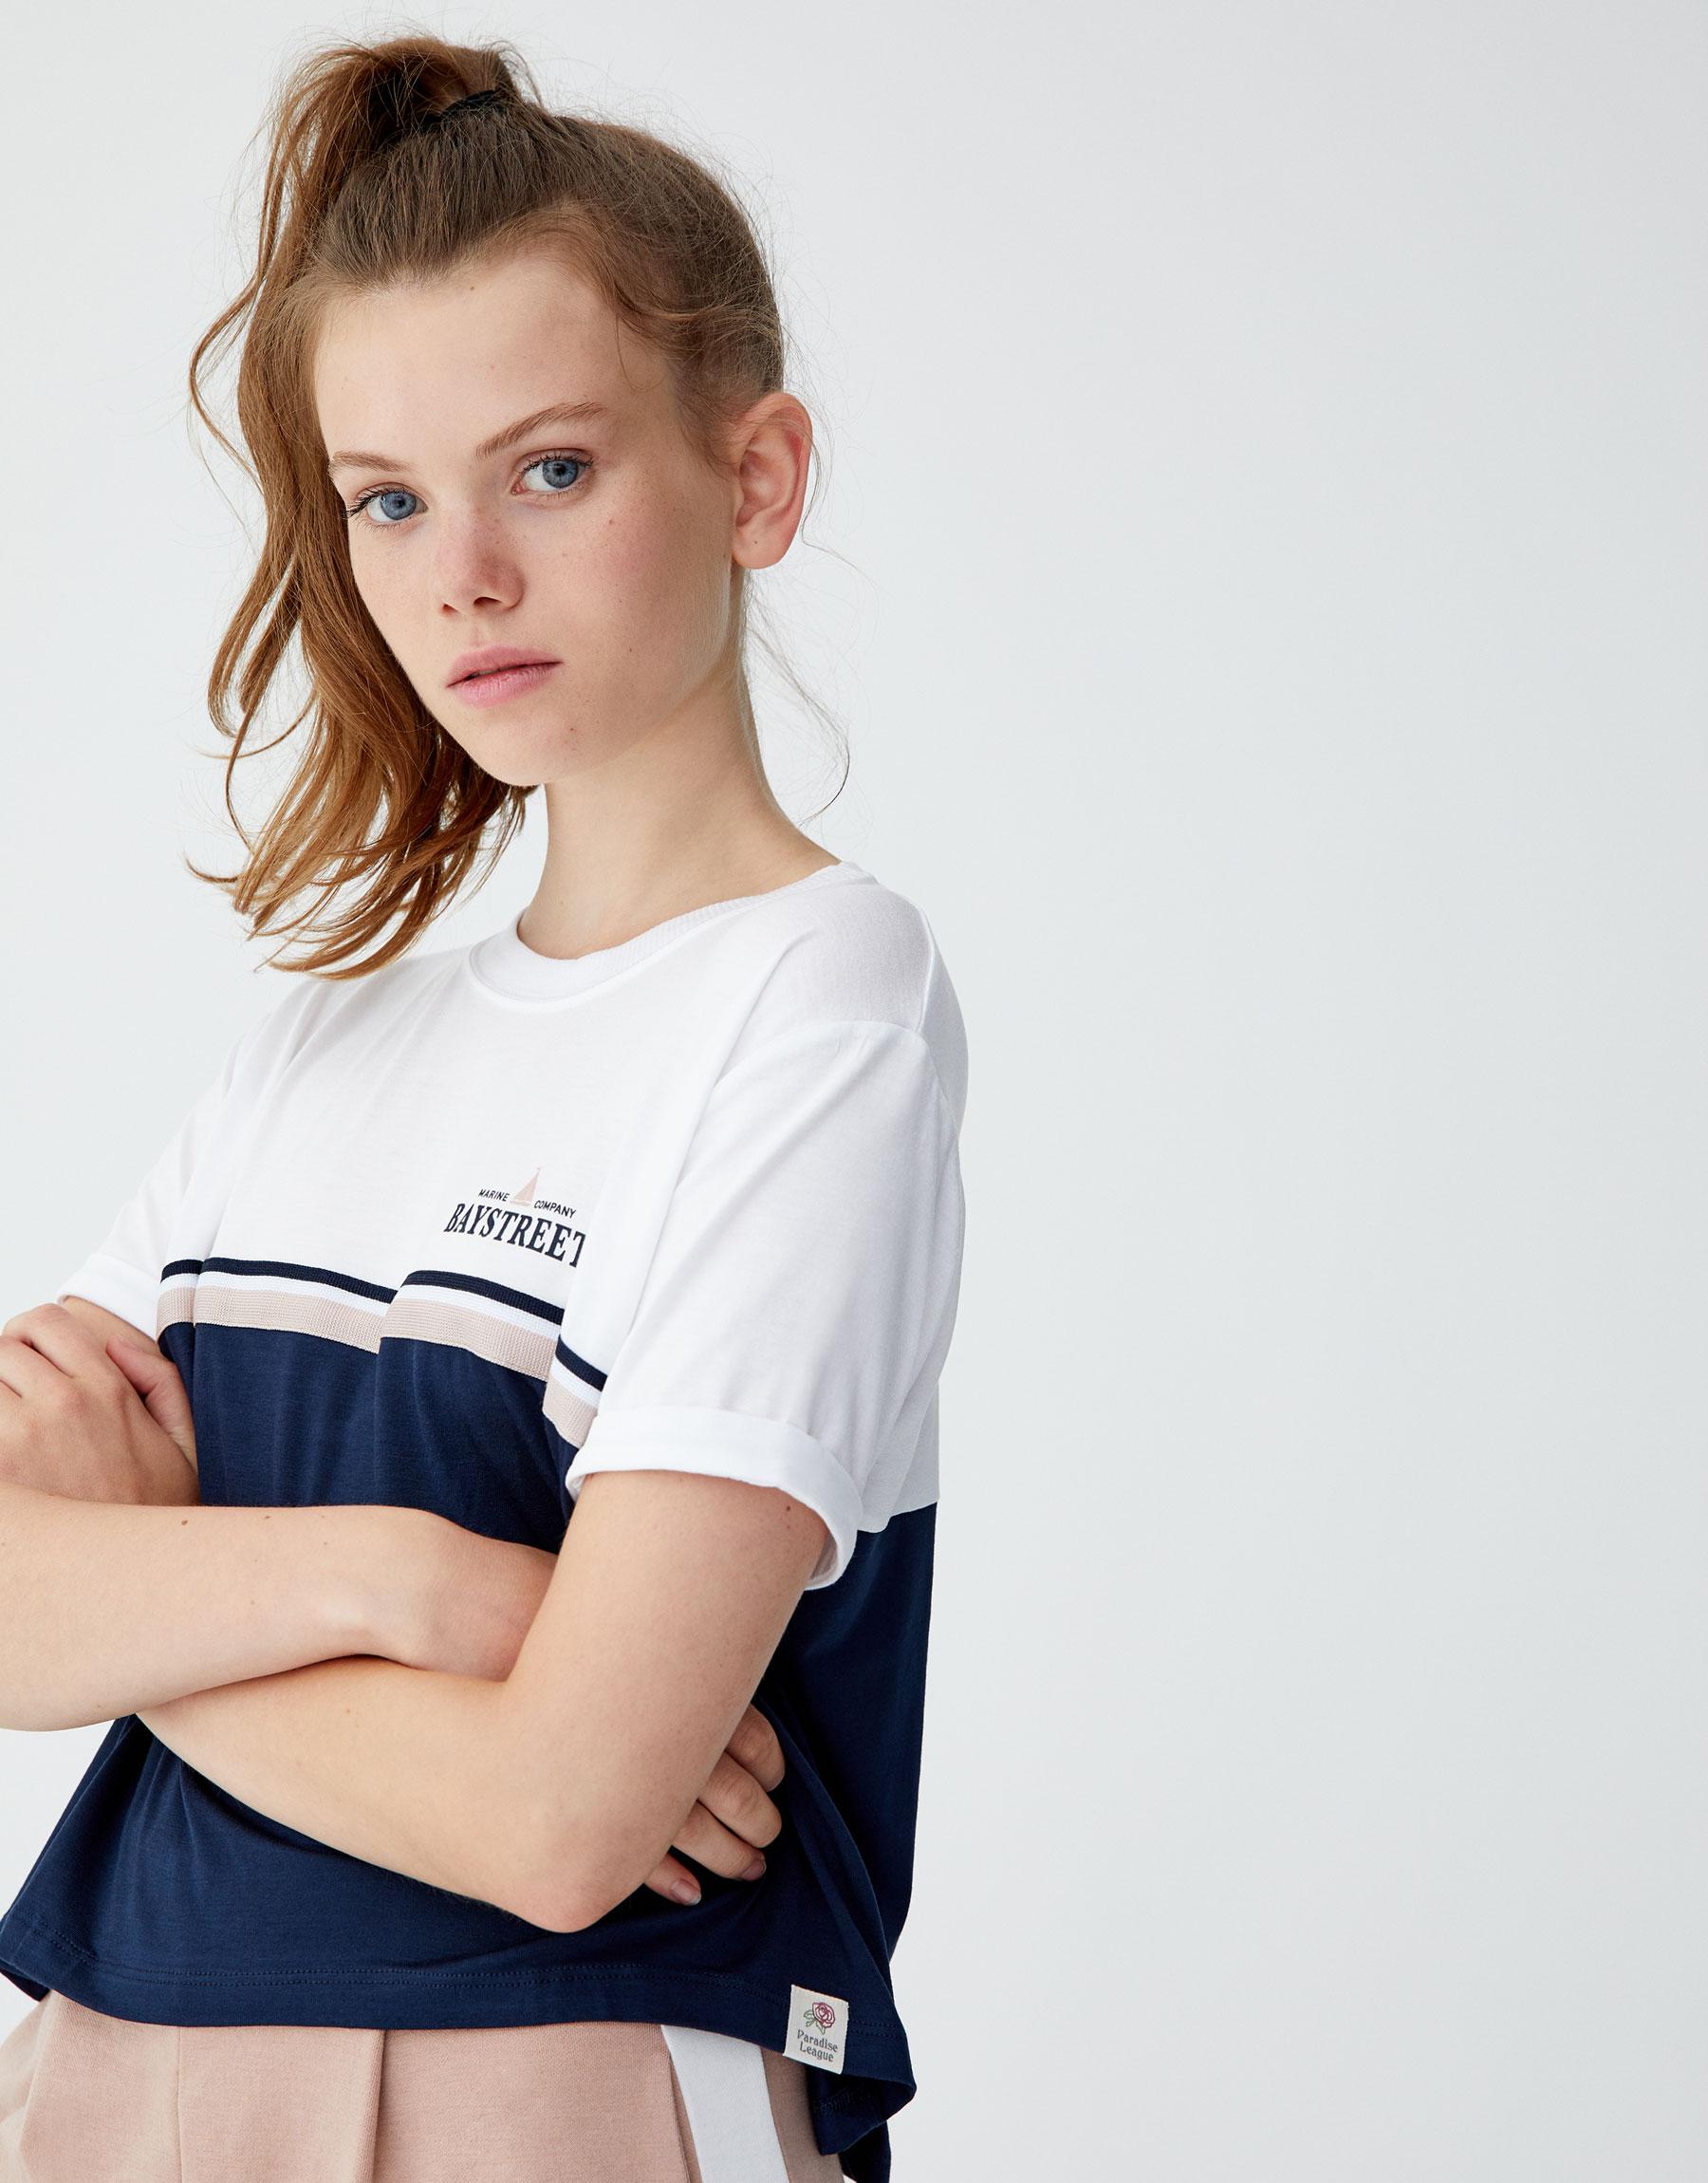 Imagen principal de producto de Camiseta panel cinta texto - Pull & Bear